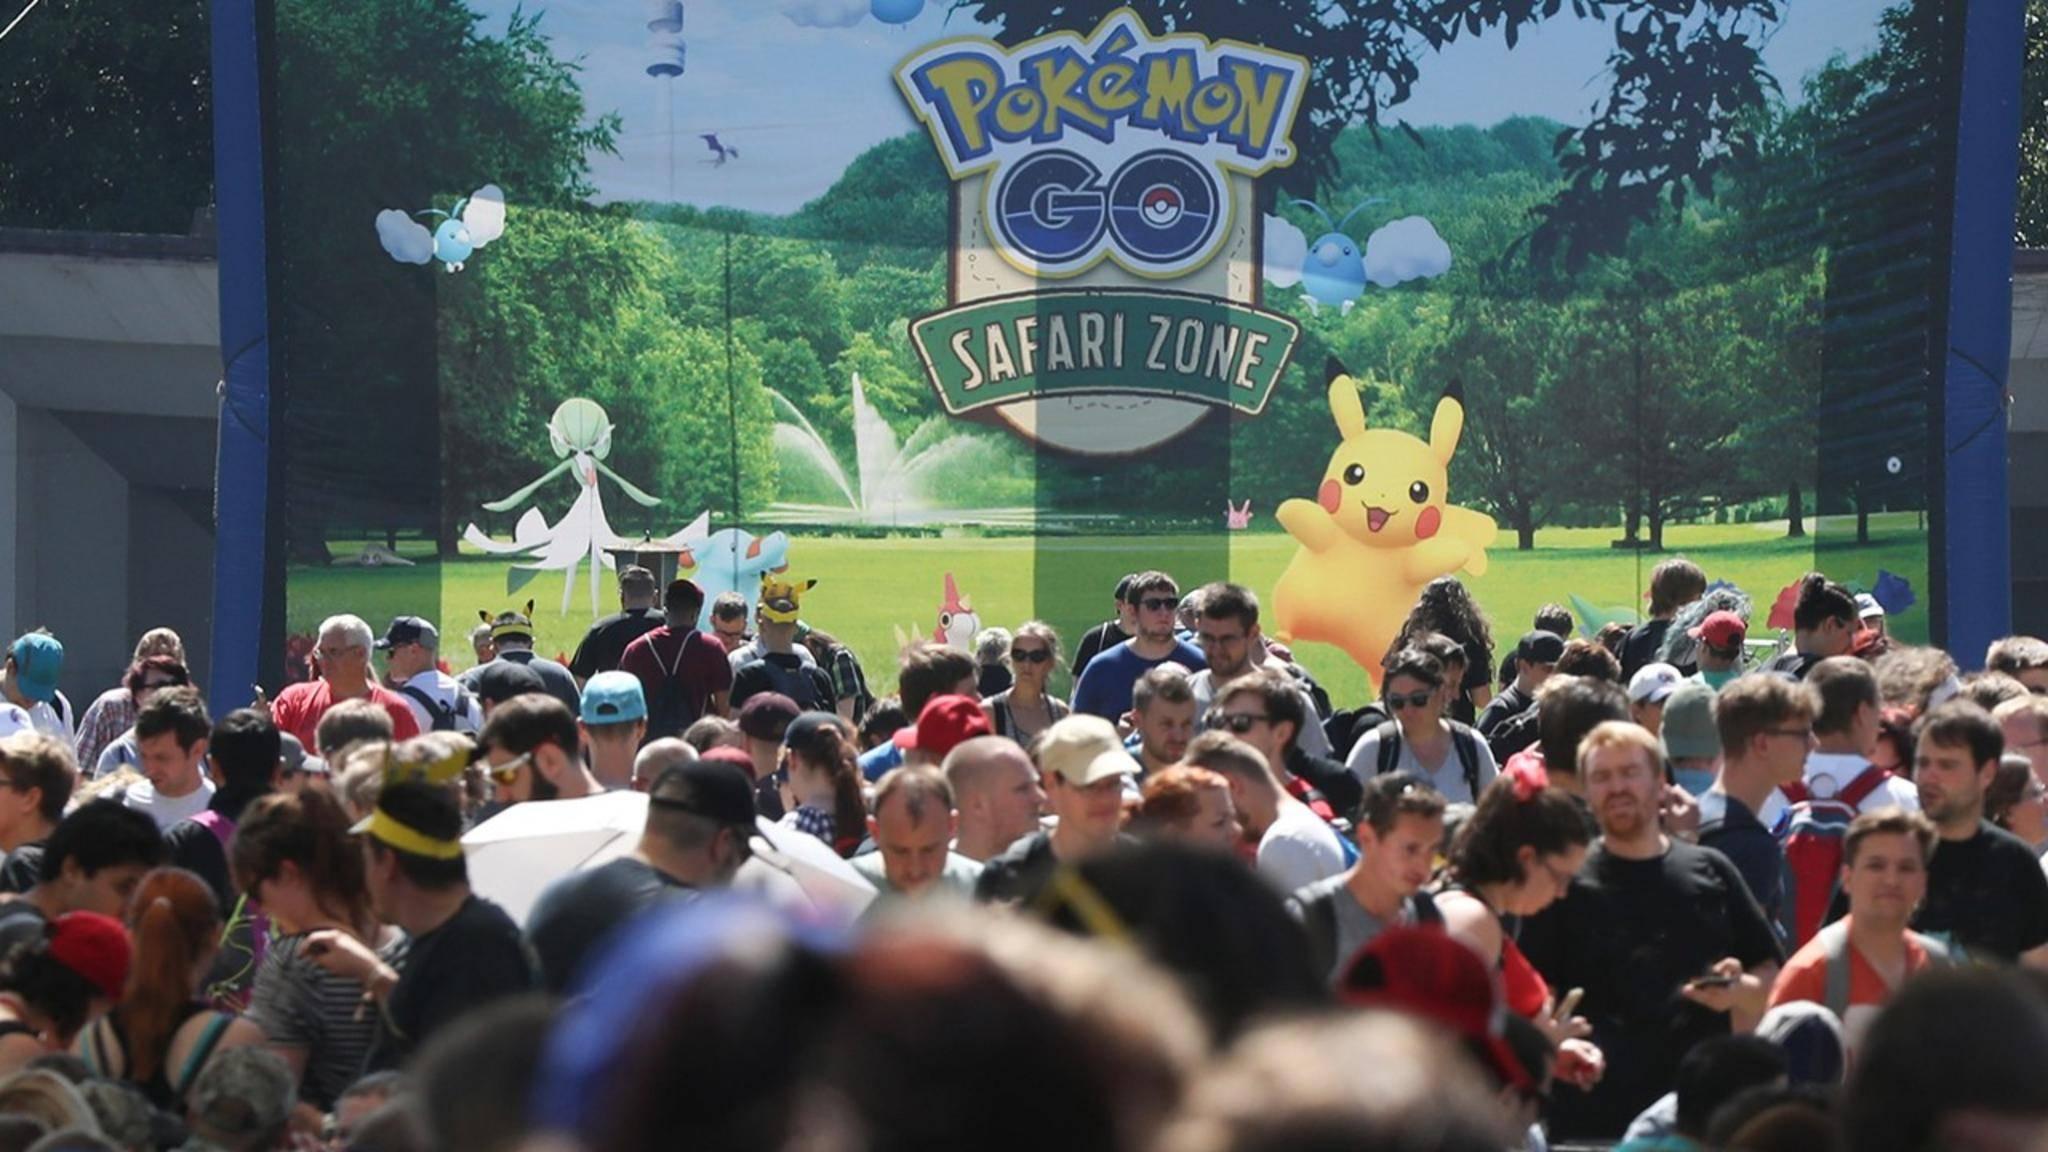 pokemon-go-safari-zone-dortmund